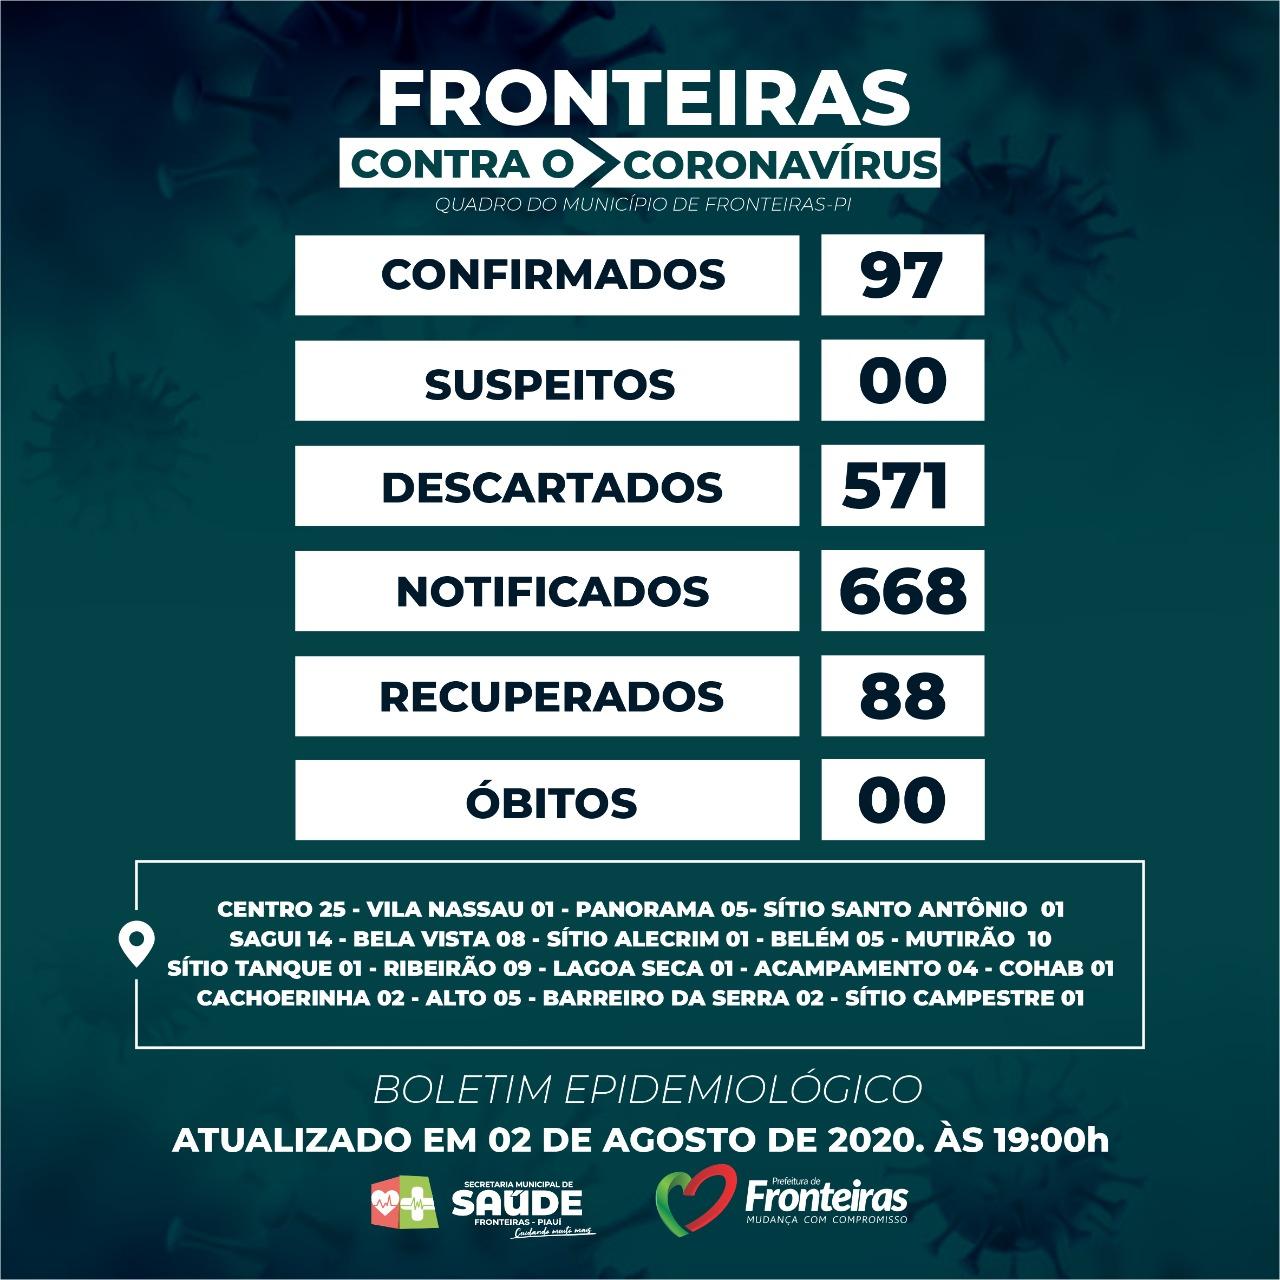 FRONTEIRAS (PI) - BOLETIM EPIDEMIOLÓGICO DE 02/08/2020